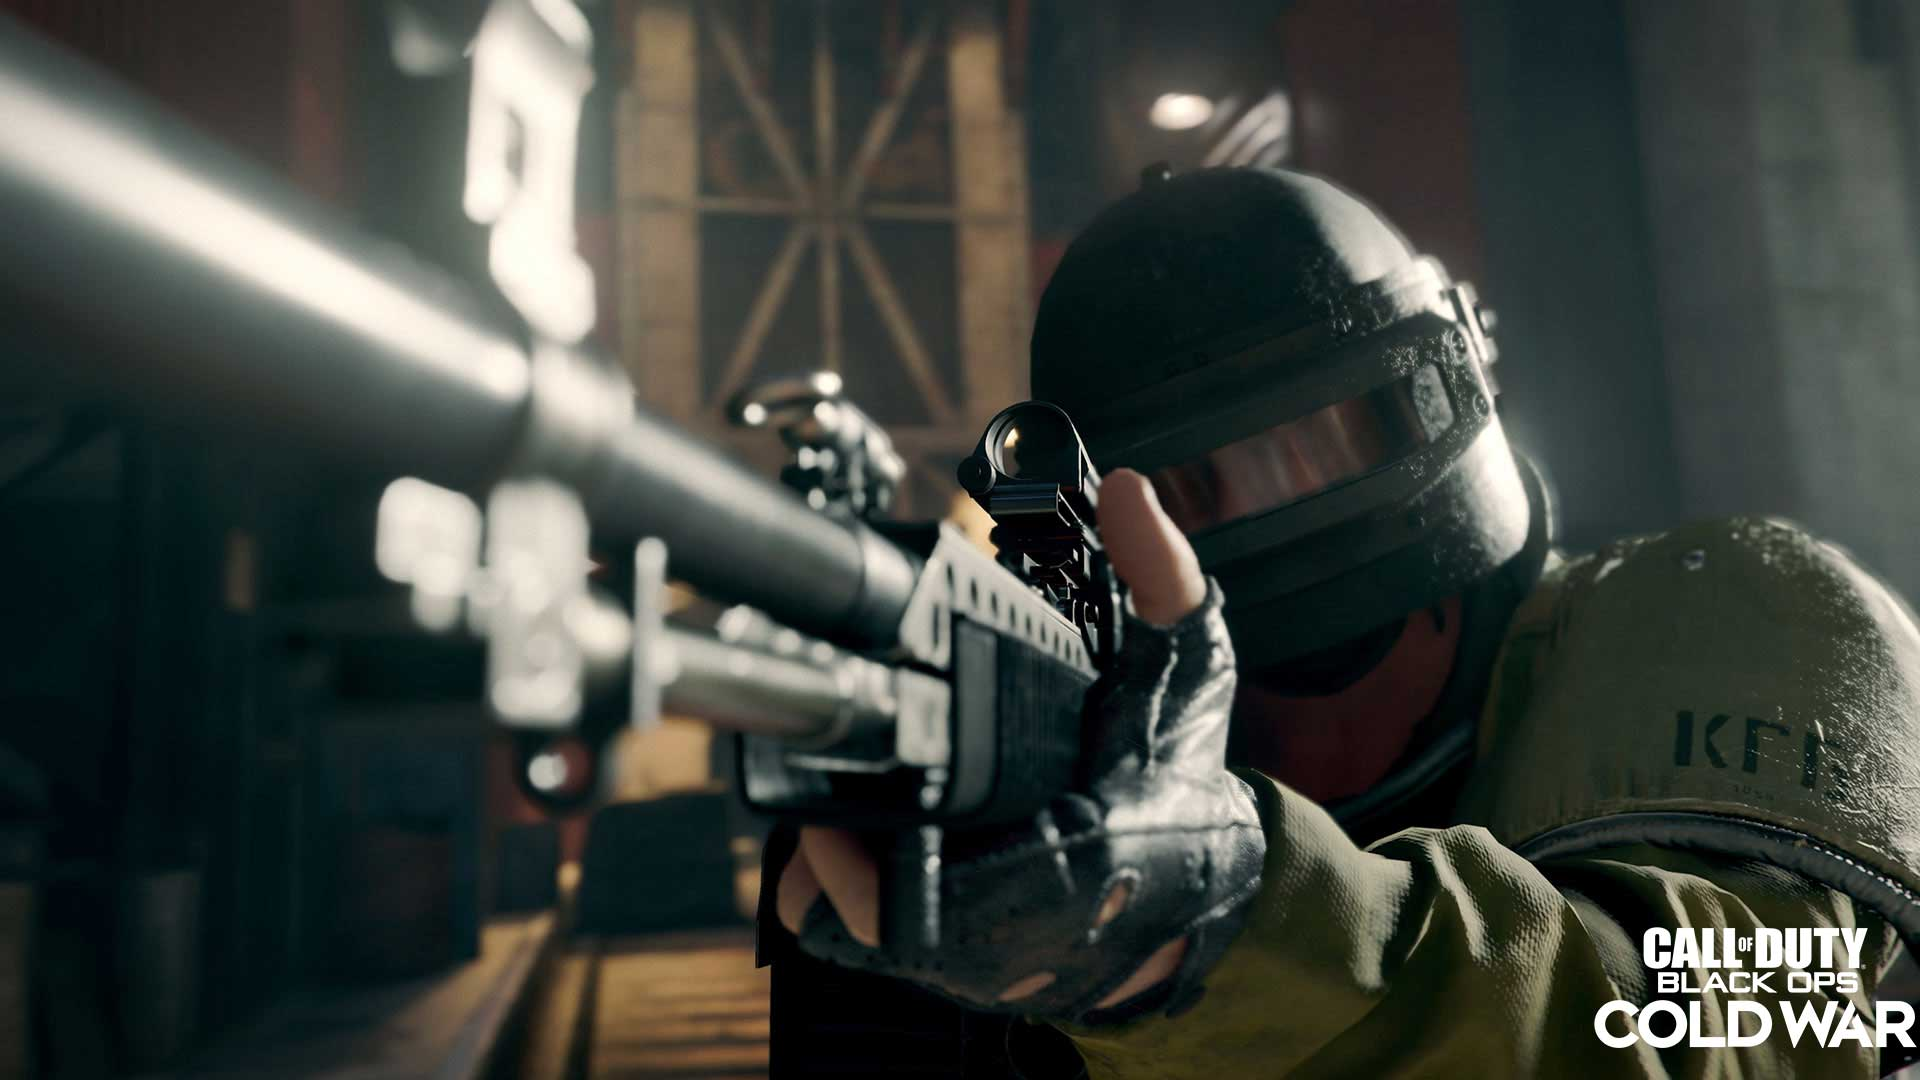 Call of Duty®: Black Ops Cold War divulga trailer do lançamento no PC 5